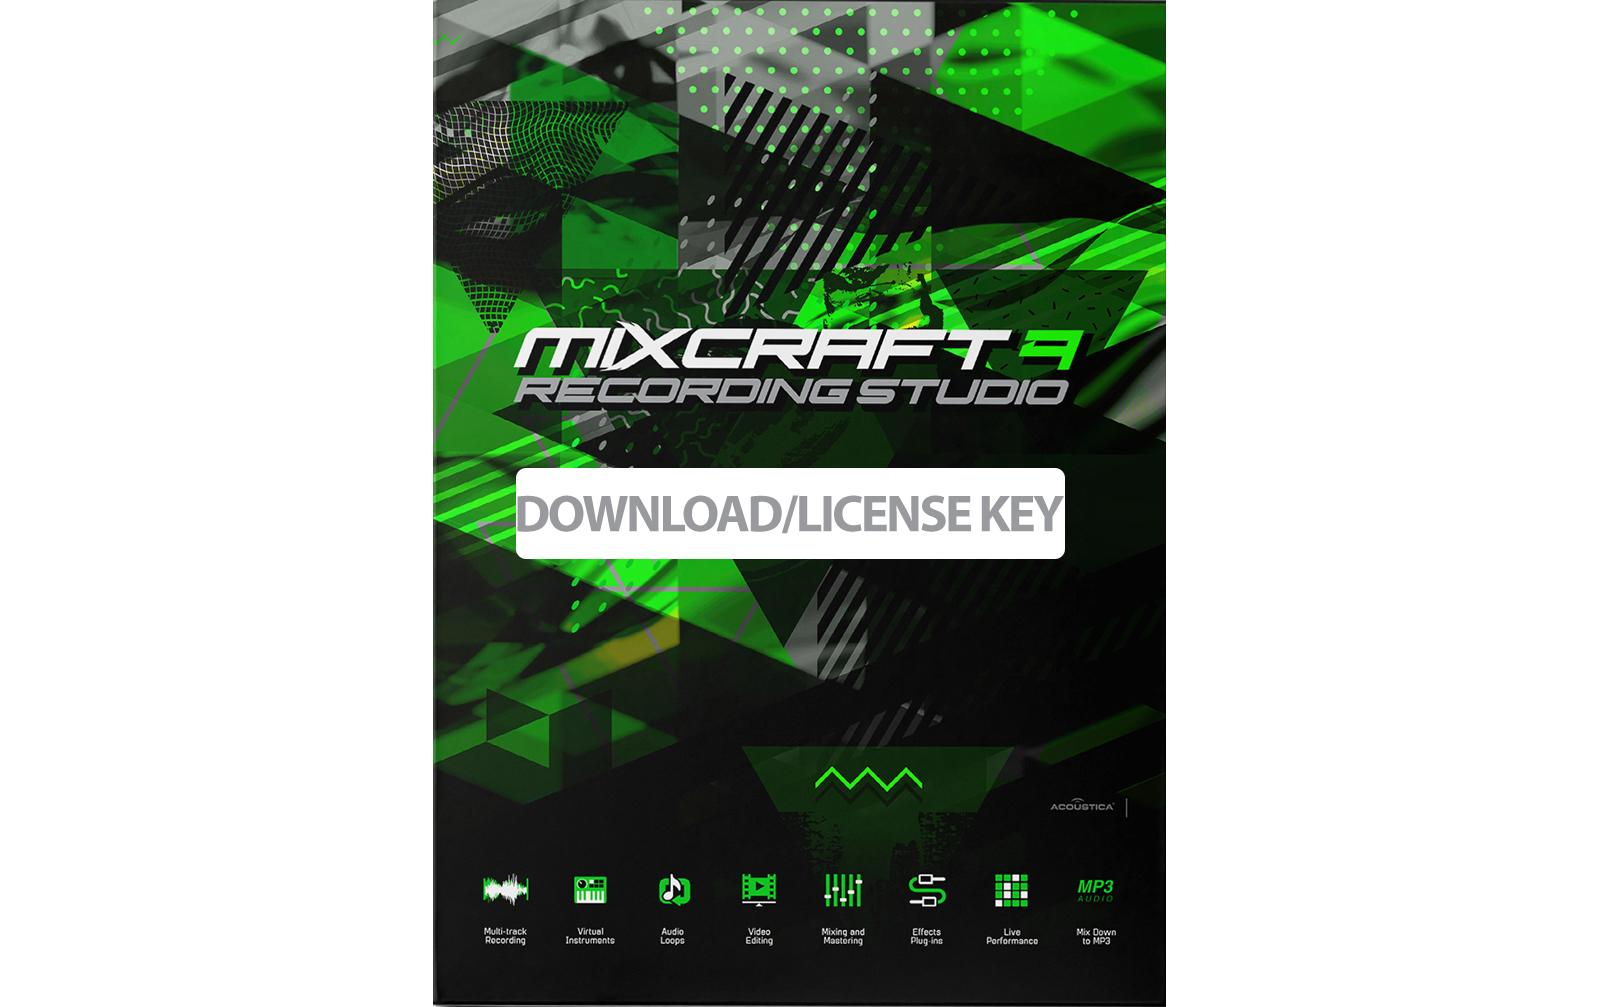 mixcraft-9-recording-studio-update-von-a-lteren-mixcraft-versionen-inkl-pro-studio-download-licen